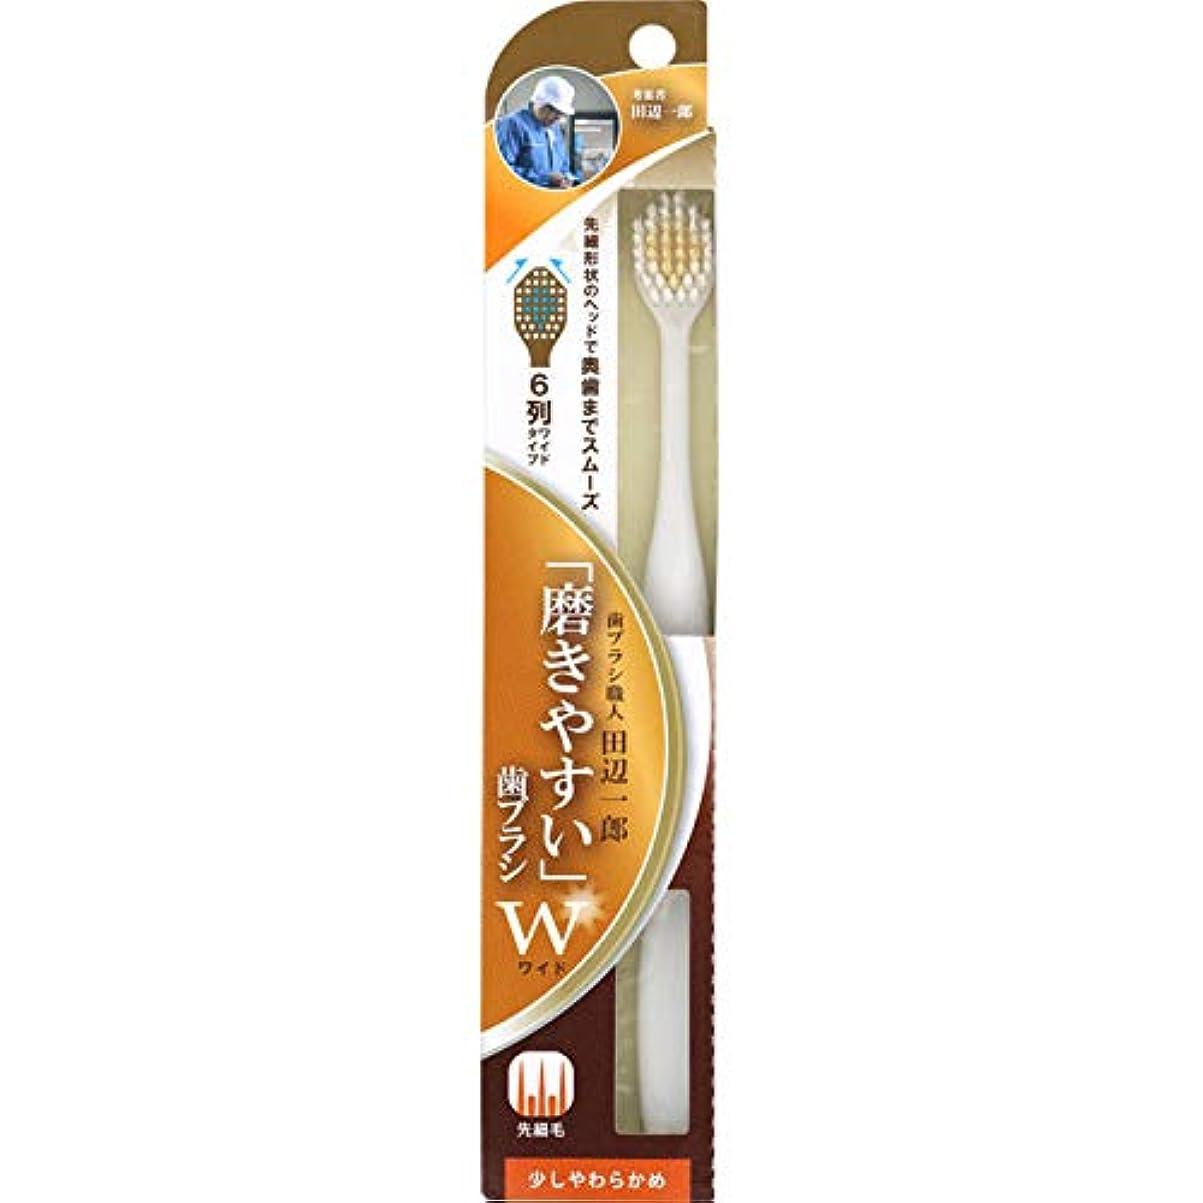 クラックポットハブ日食ライフレンジ LT-46 磨きやすい歯ブラシ ワイド 少しやわらかめ 1本入 ※カラーは選べません。